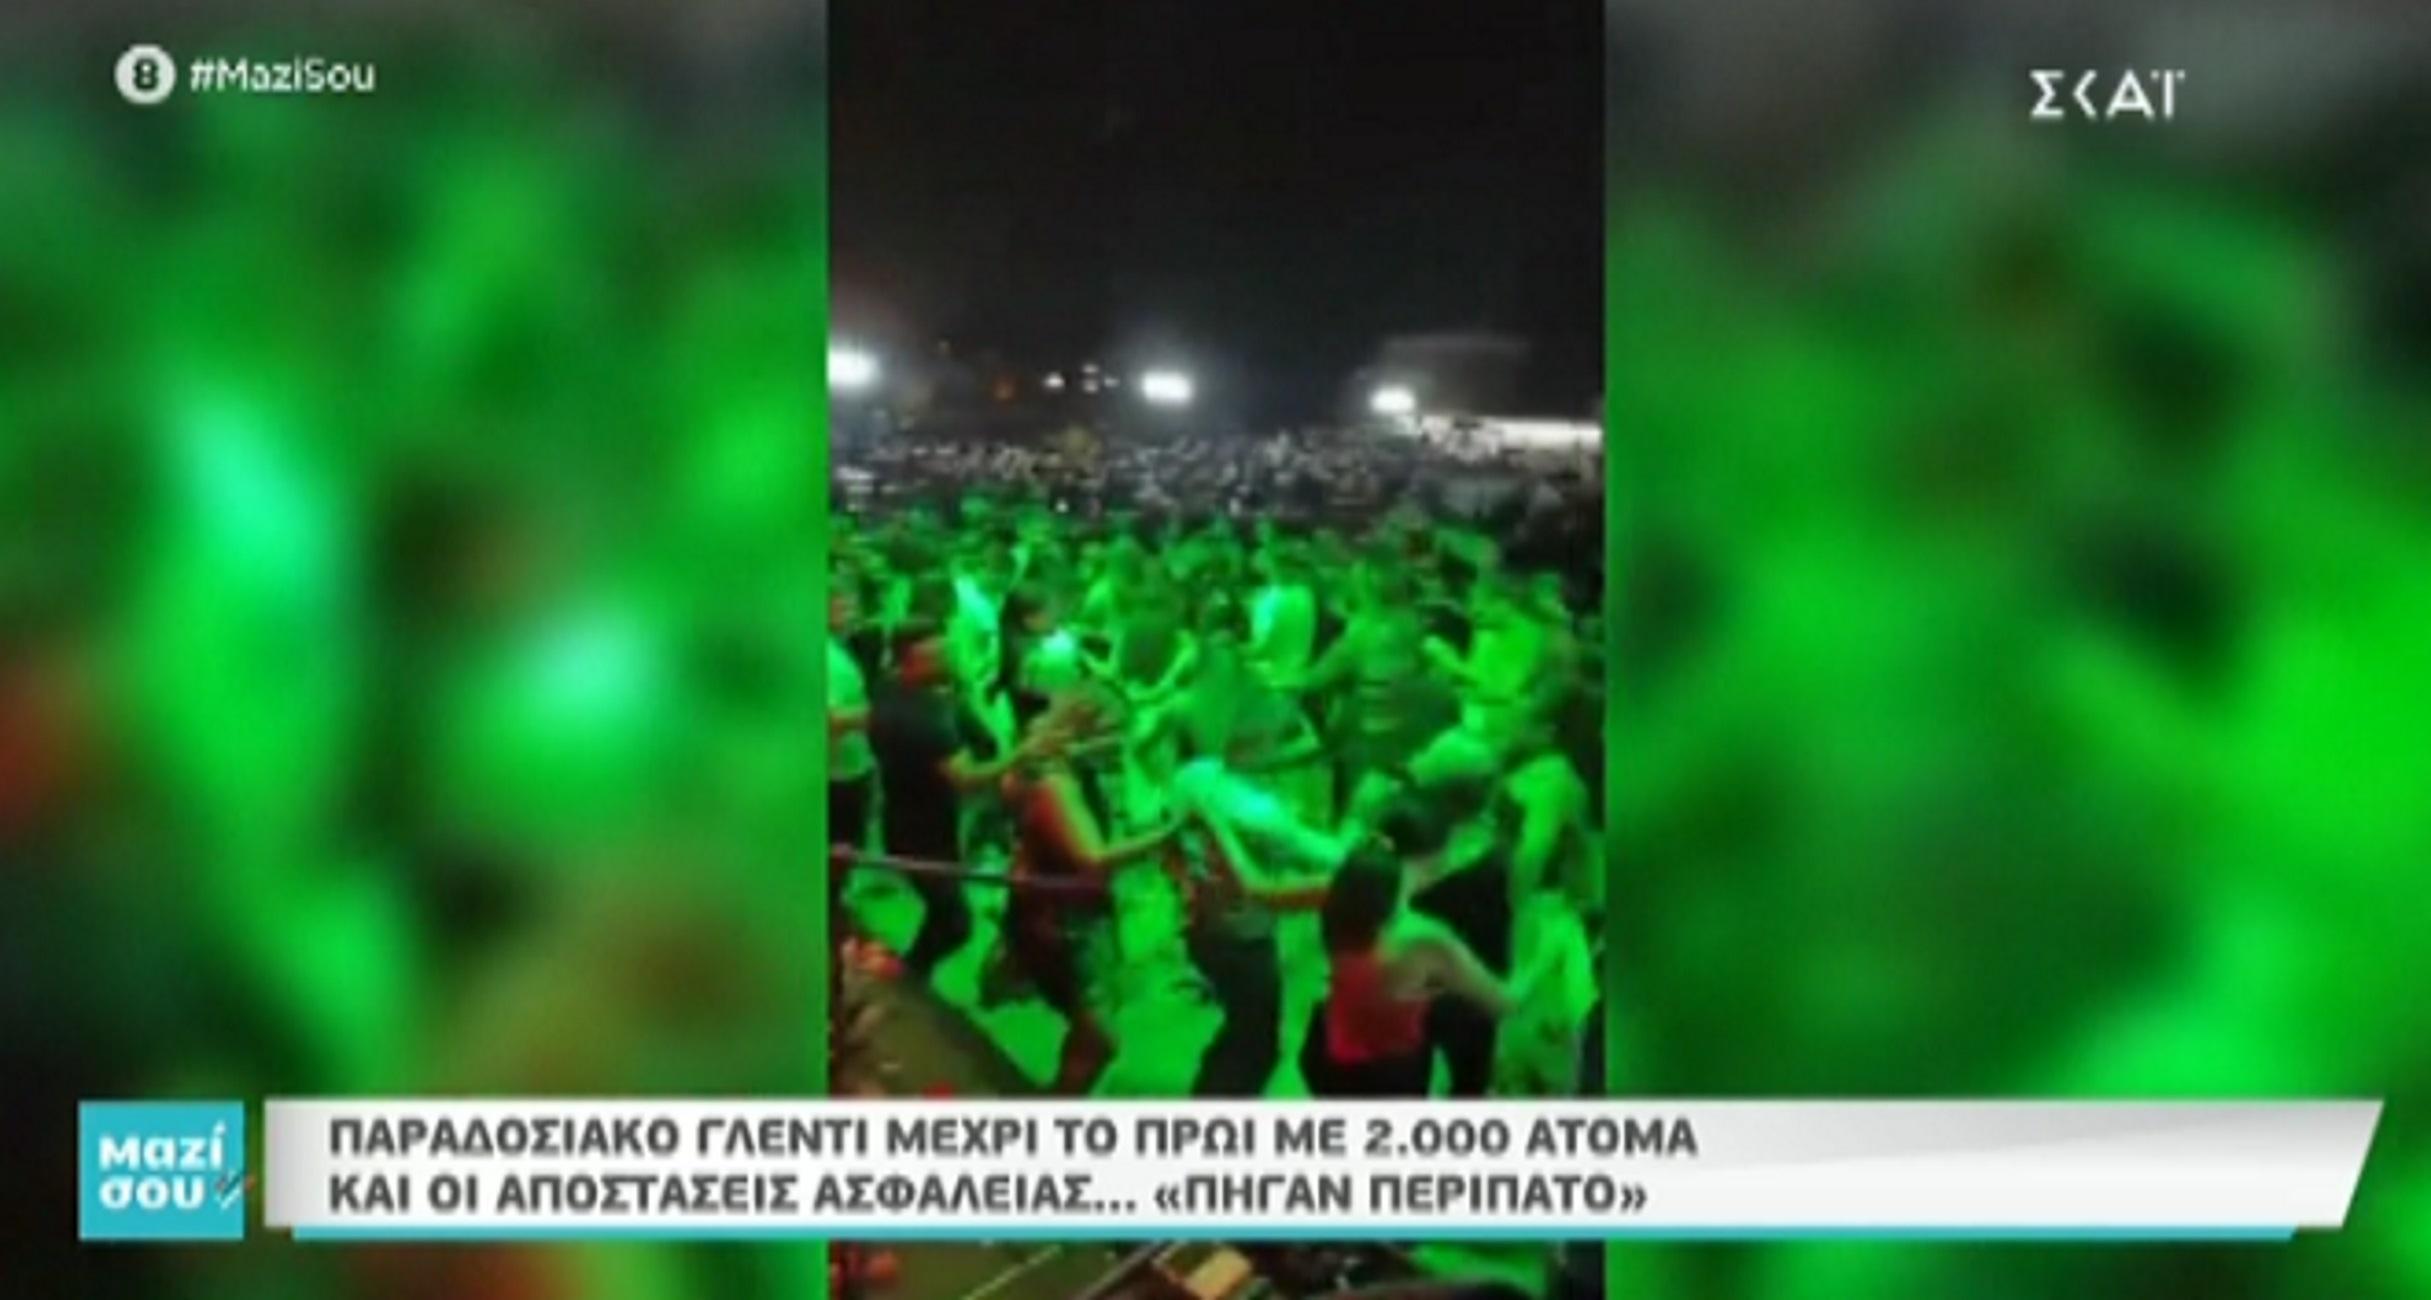 """Γουδί: Συνωστισμός σε γλέντι με 2.000 άτομα! """"Ο φακός τους έδειχνε παραπάνω"""" λέει ο διοργανωτής (Βίντεο)"""